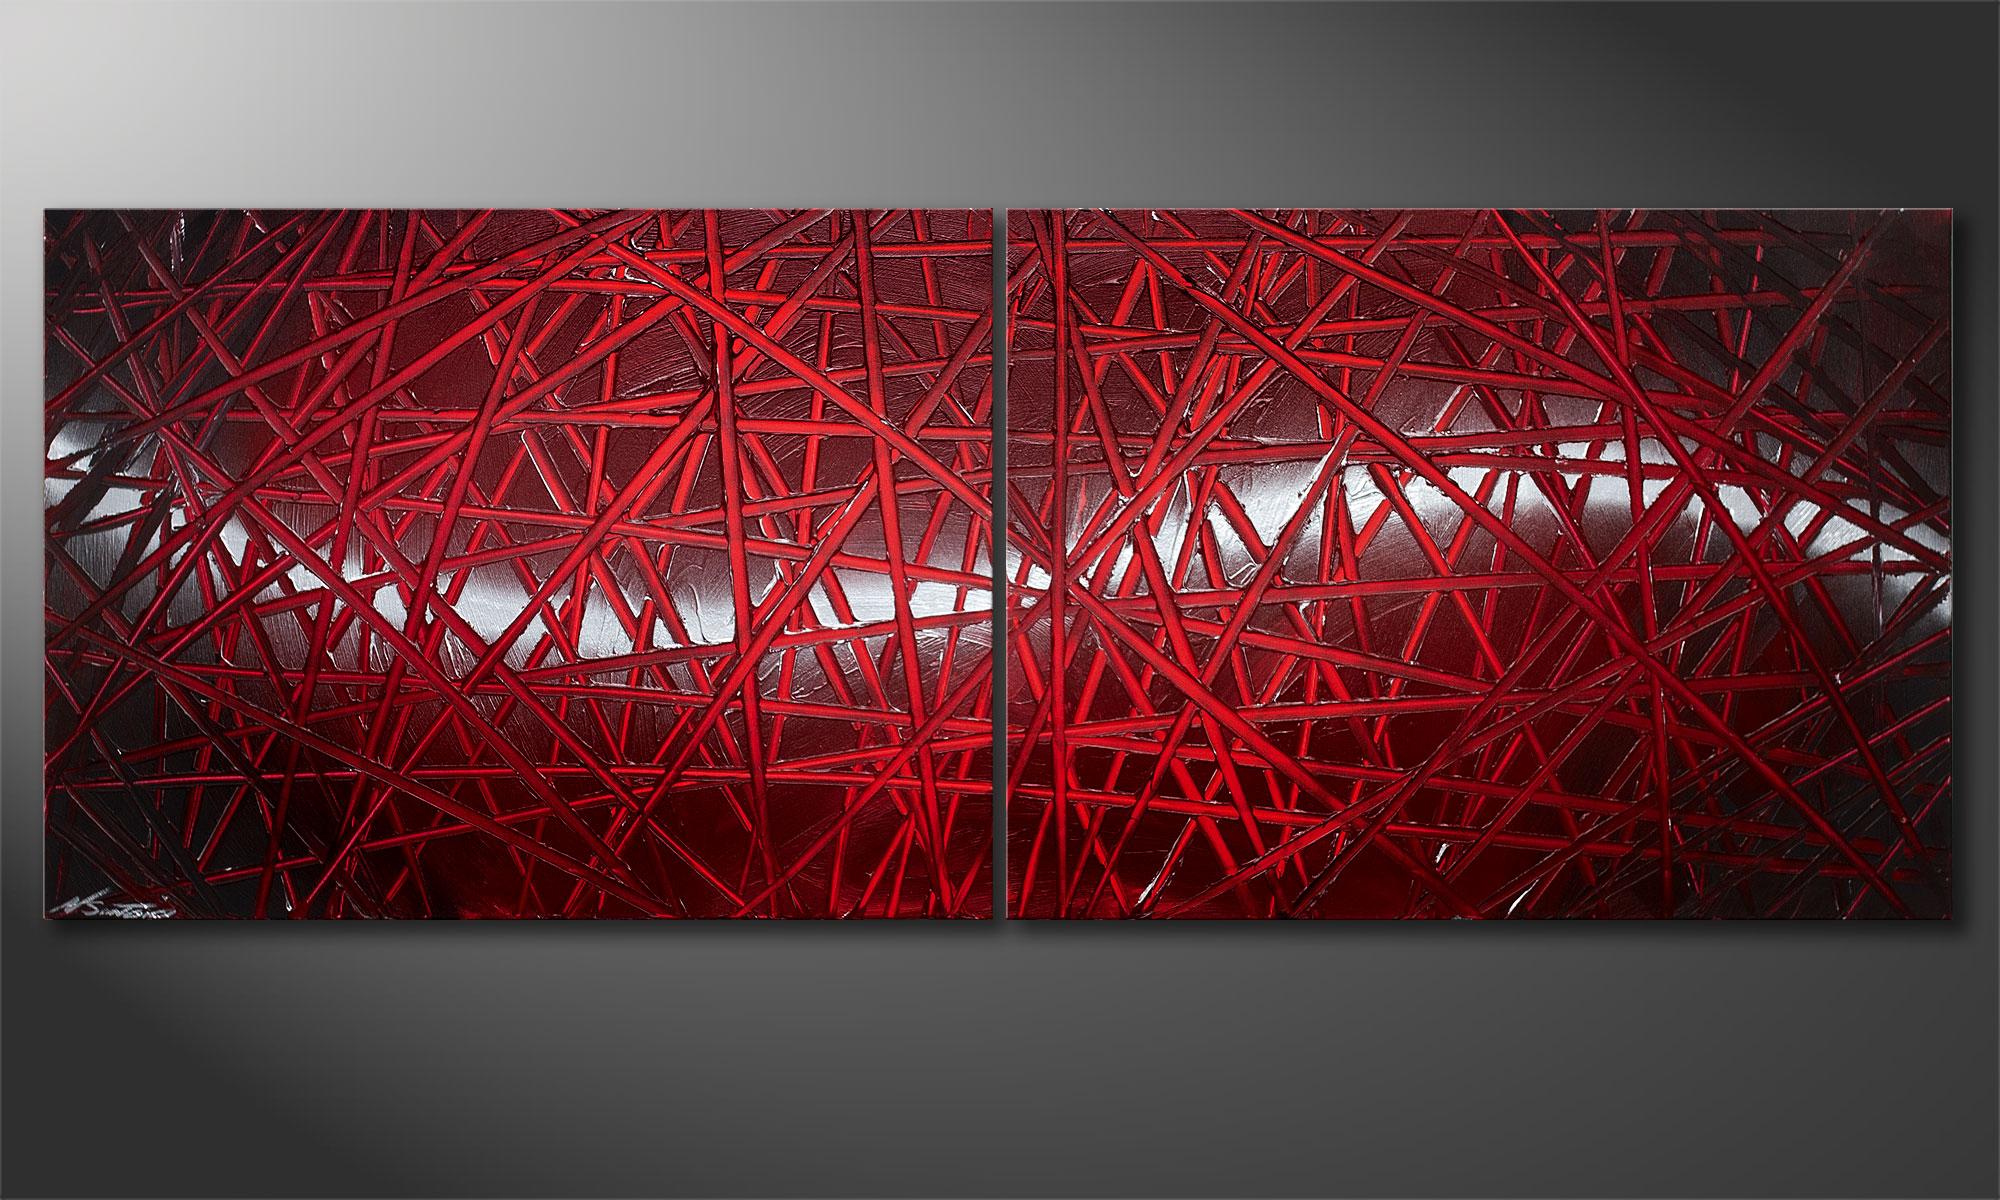 unser wandbild red push 160x60cm wandbilder xxl. Black Bedroom Furniture Sets. Home Design Ideas